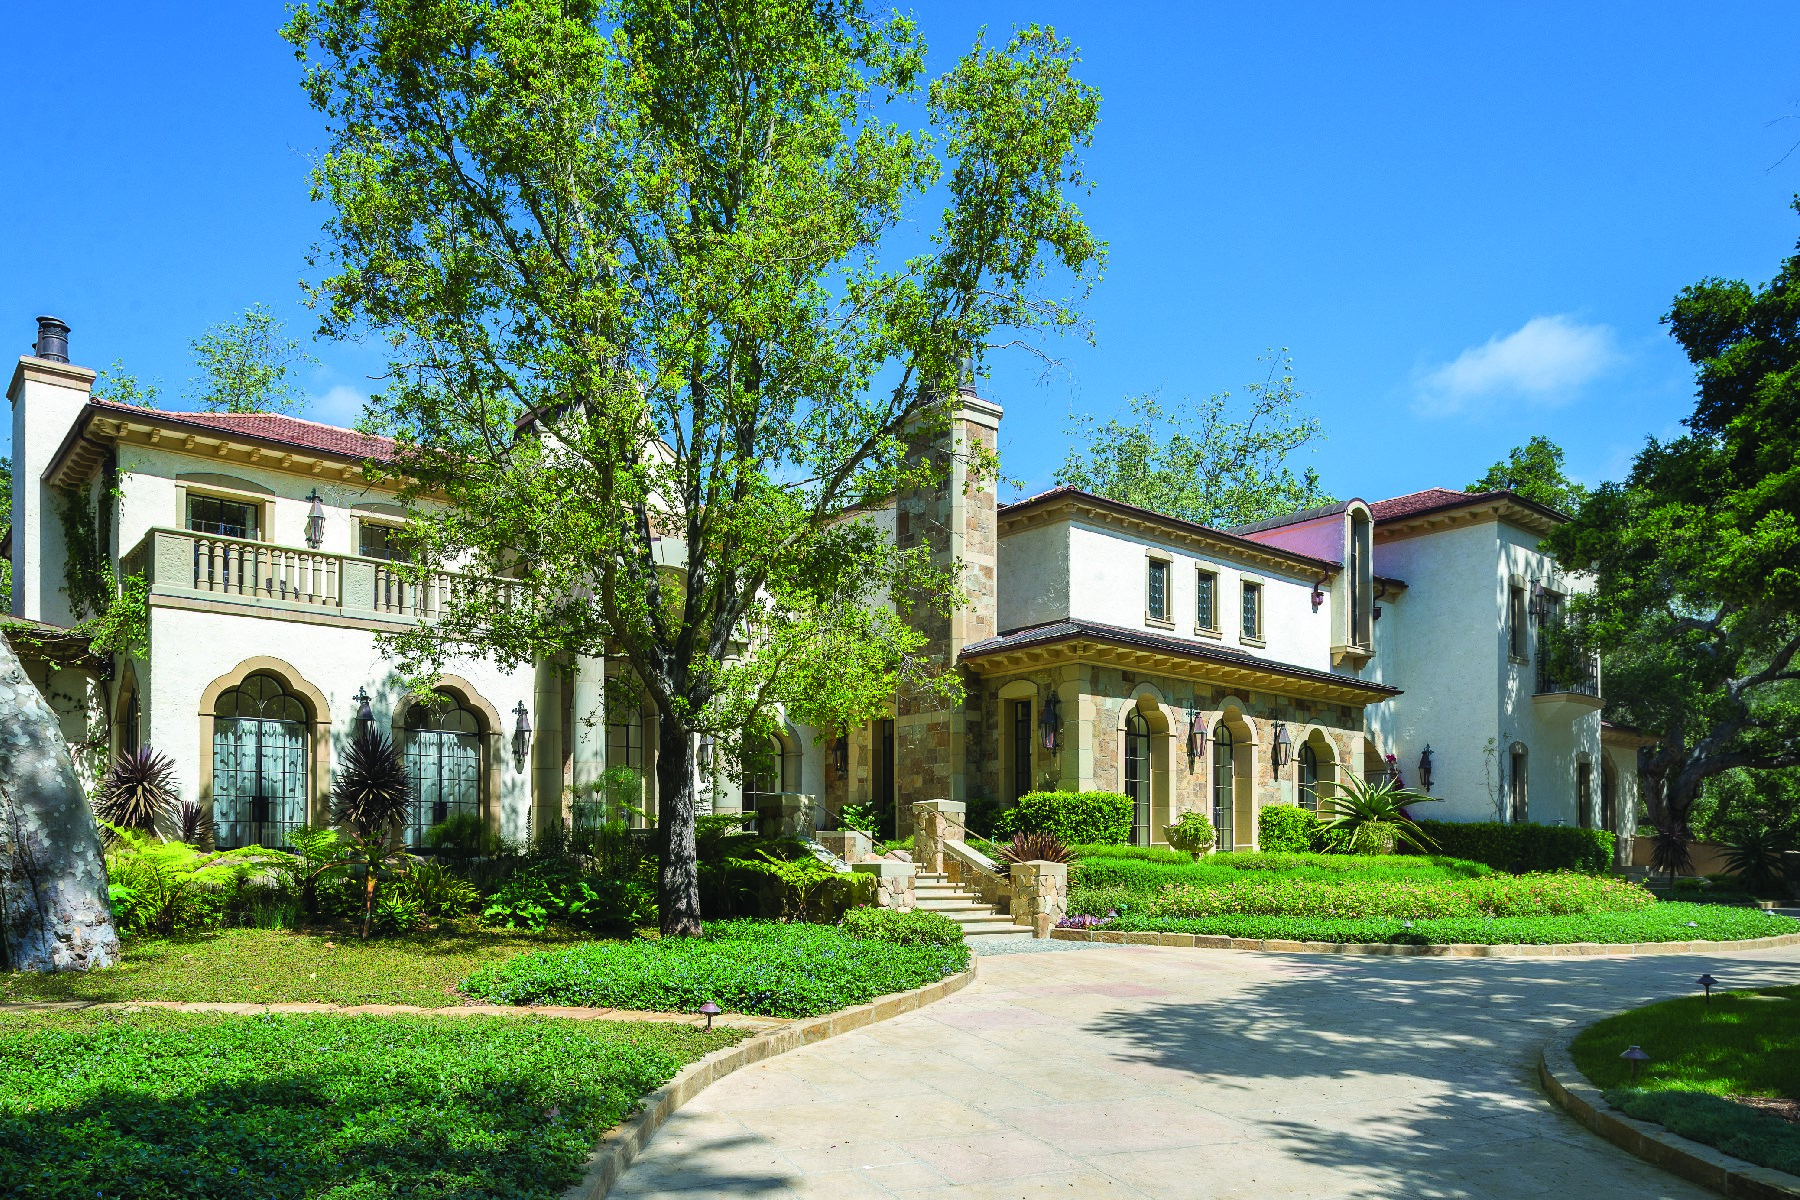 Casa Unifamiliar por un Venta en Montecito Estate 1240 East Valley Road Montecito - Upper Village, Montecito, California, 93108 Estados Unidos